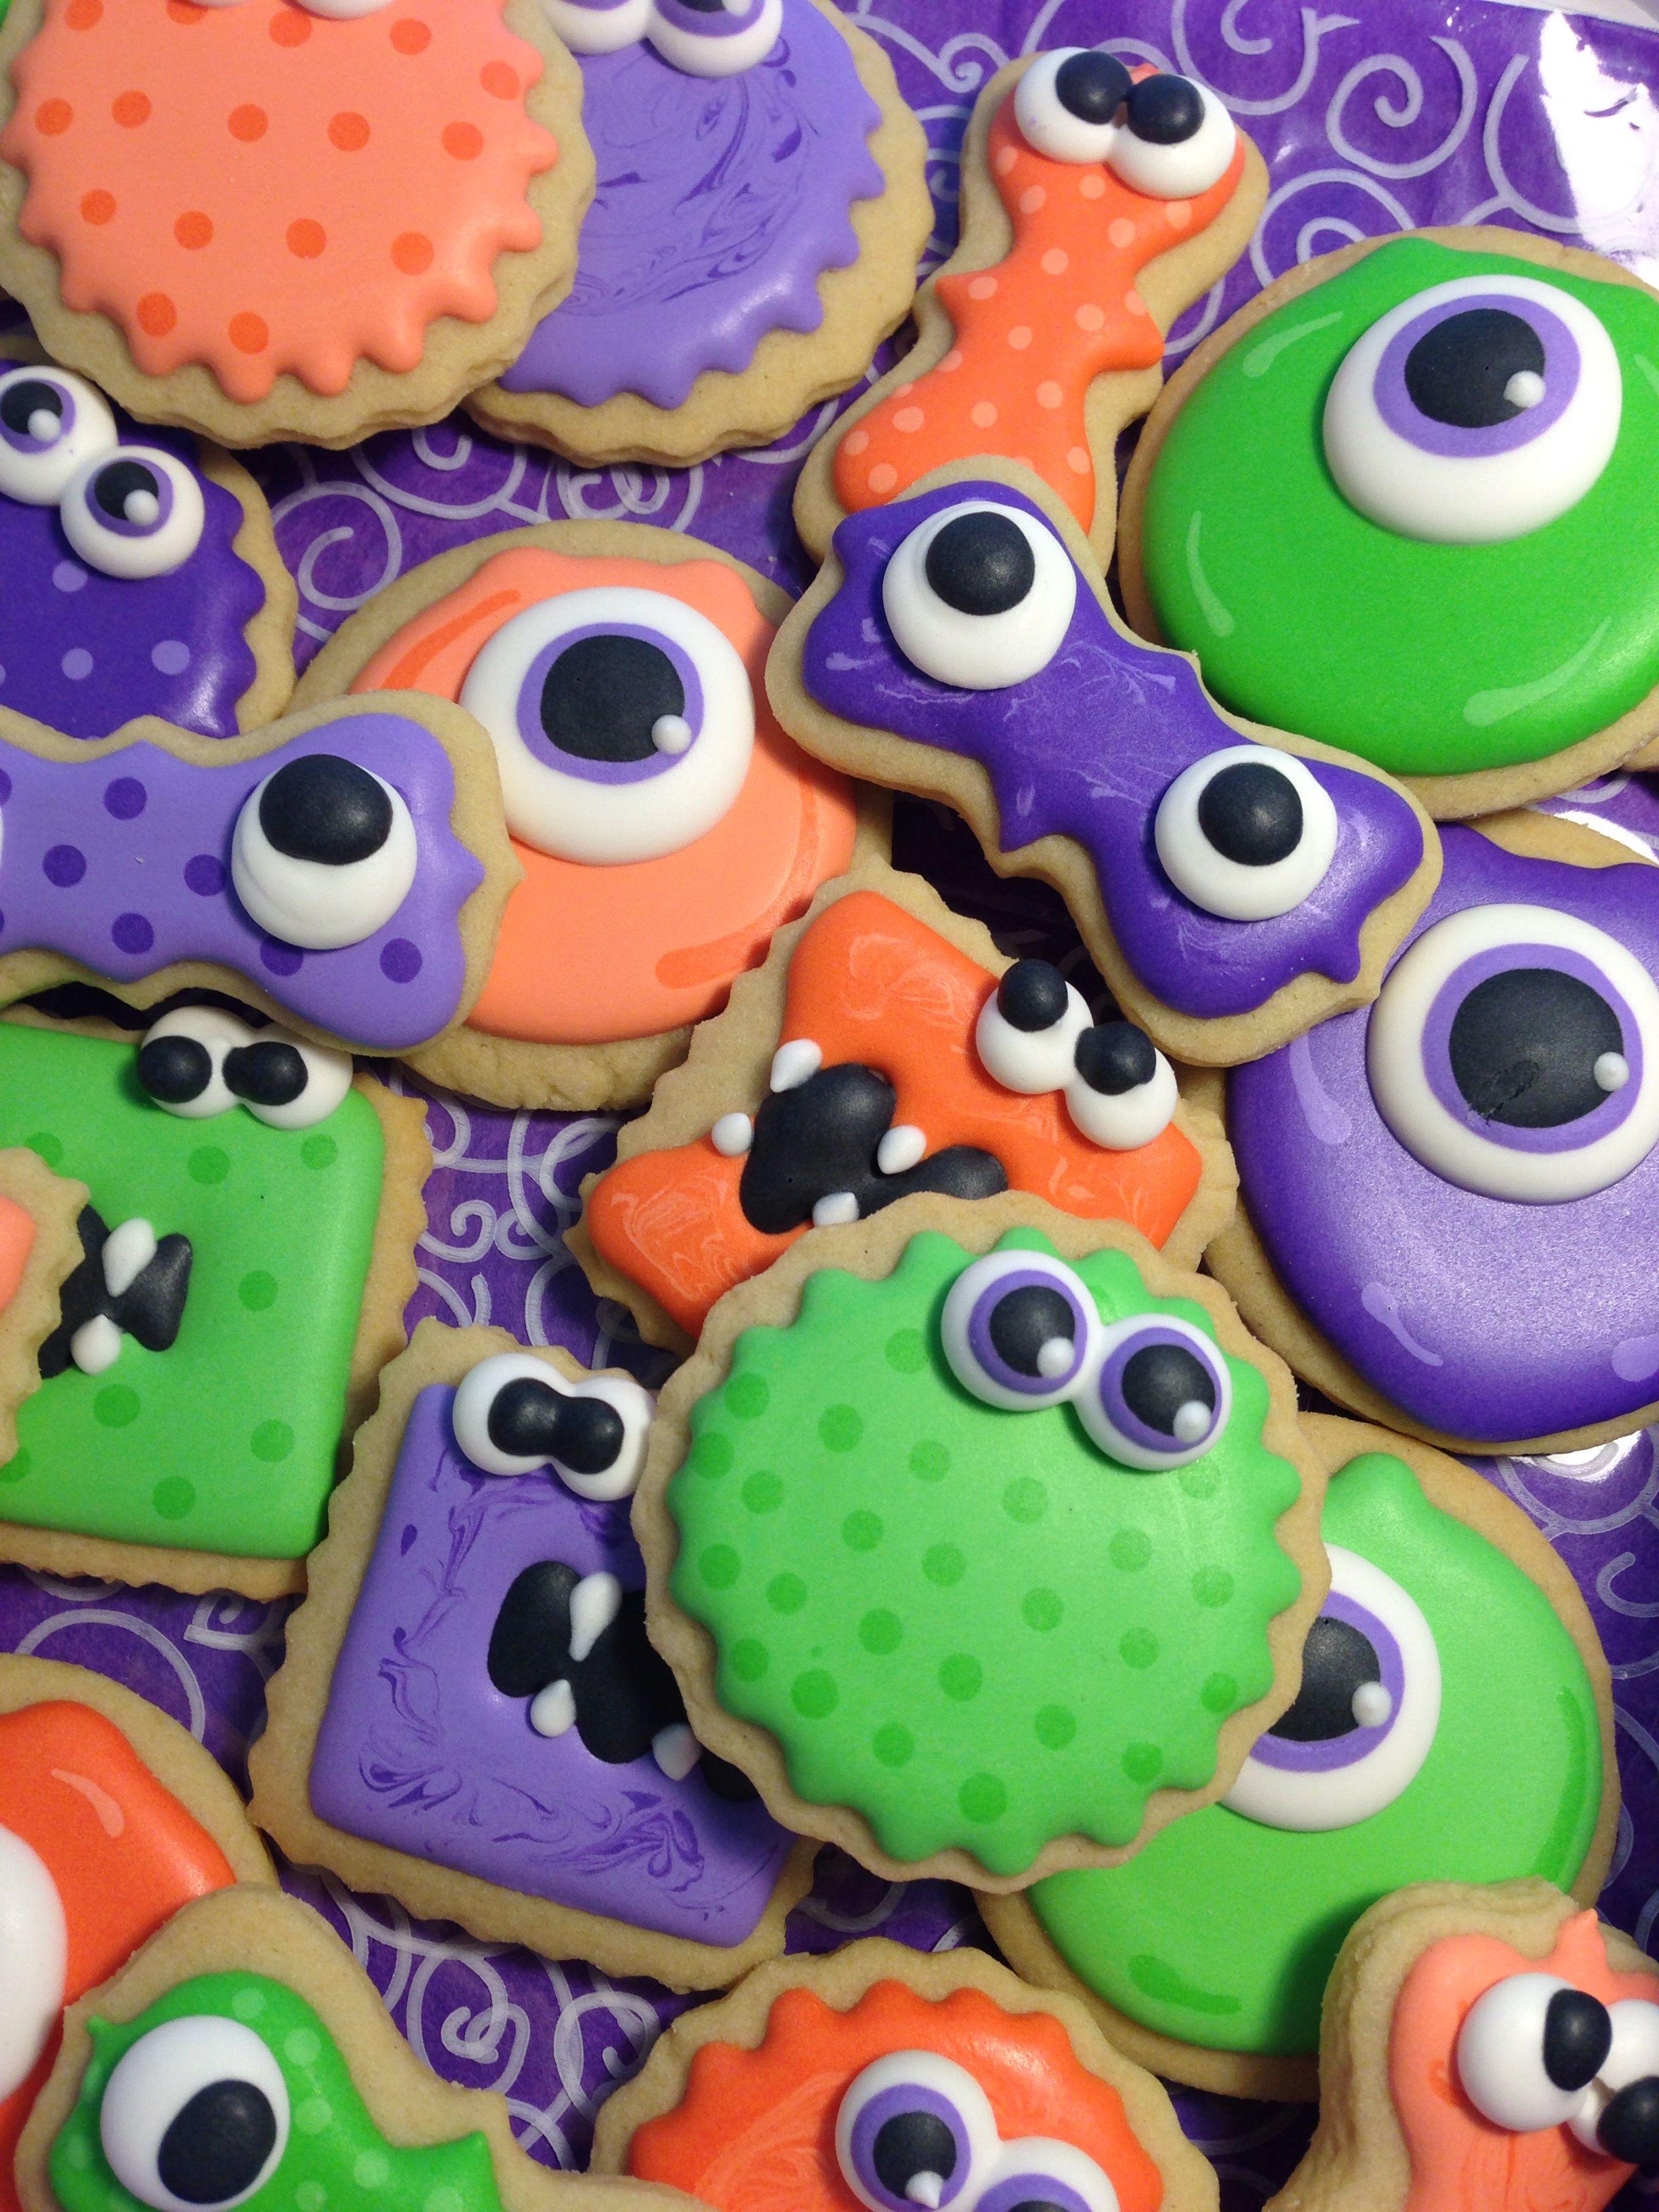 Monster Halloween Cookies: Cute Monster Cookies!